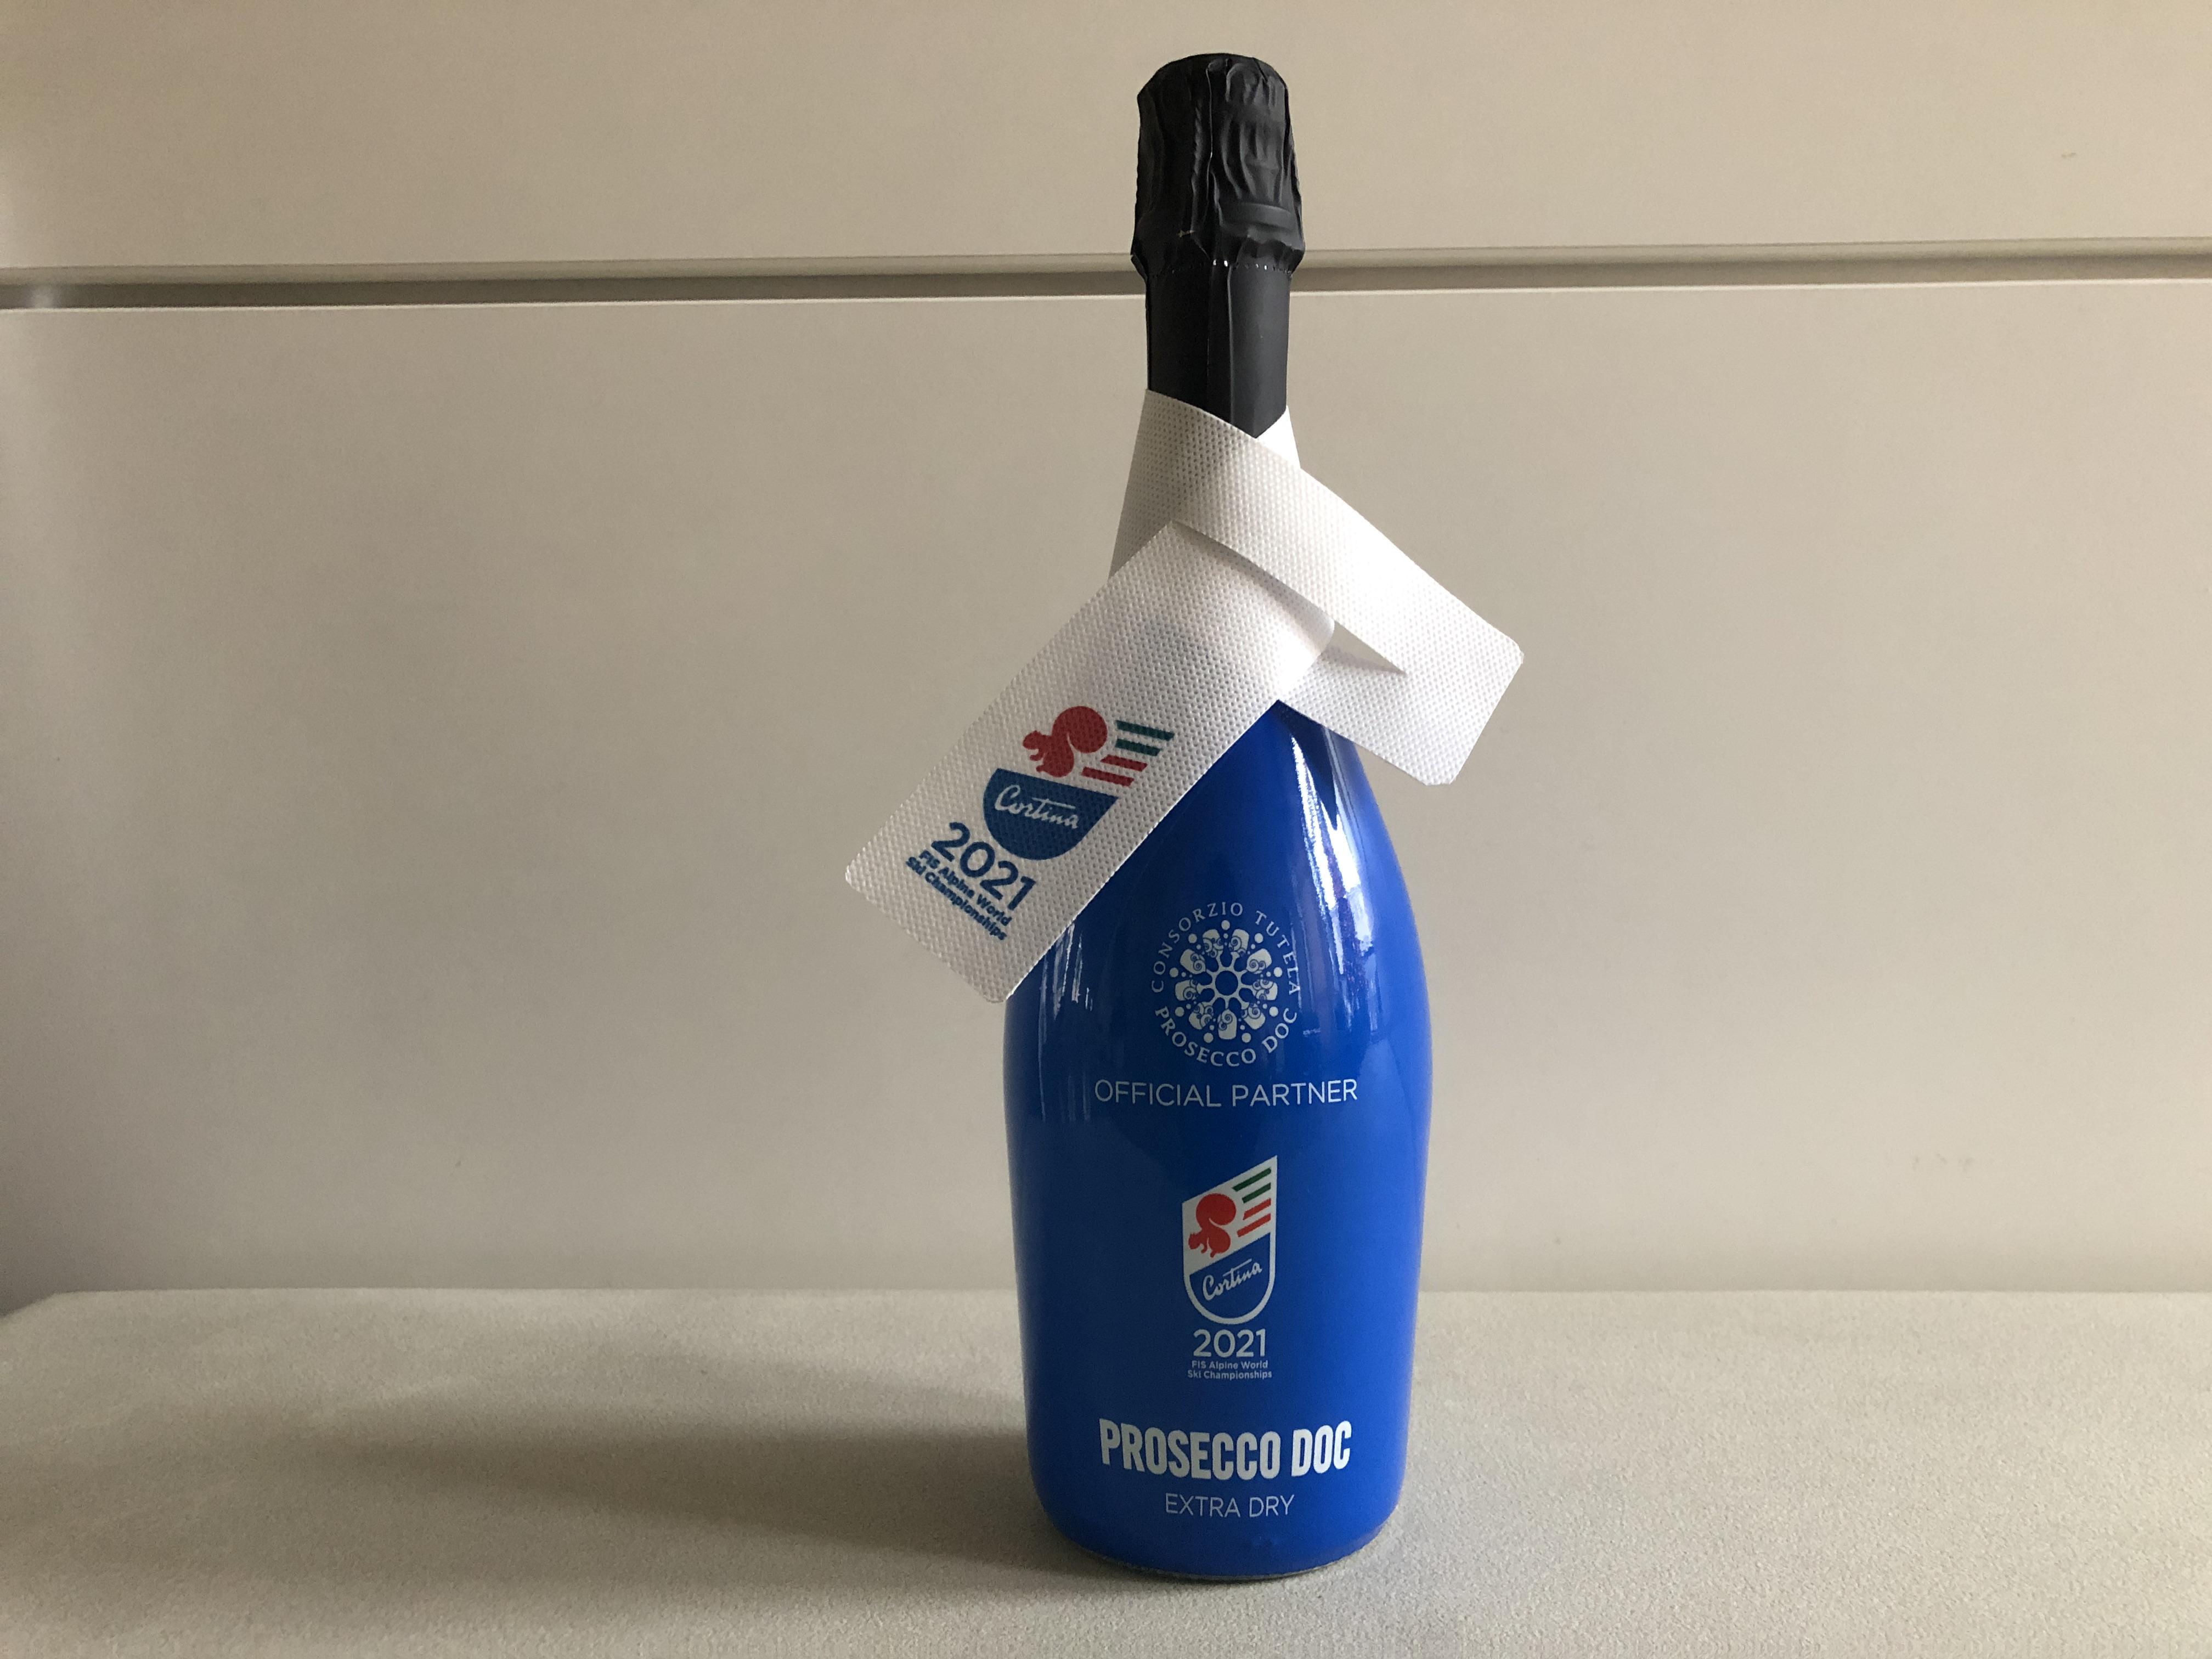 Bottiglia Prosecco DOC Cortina 2021